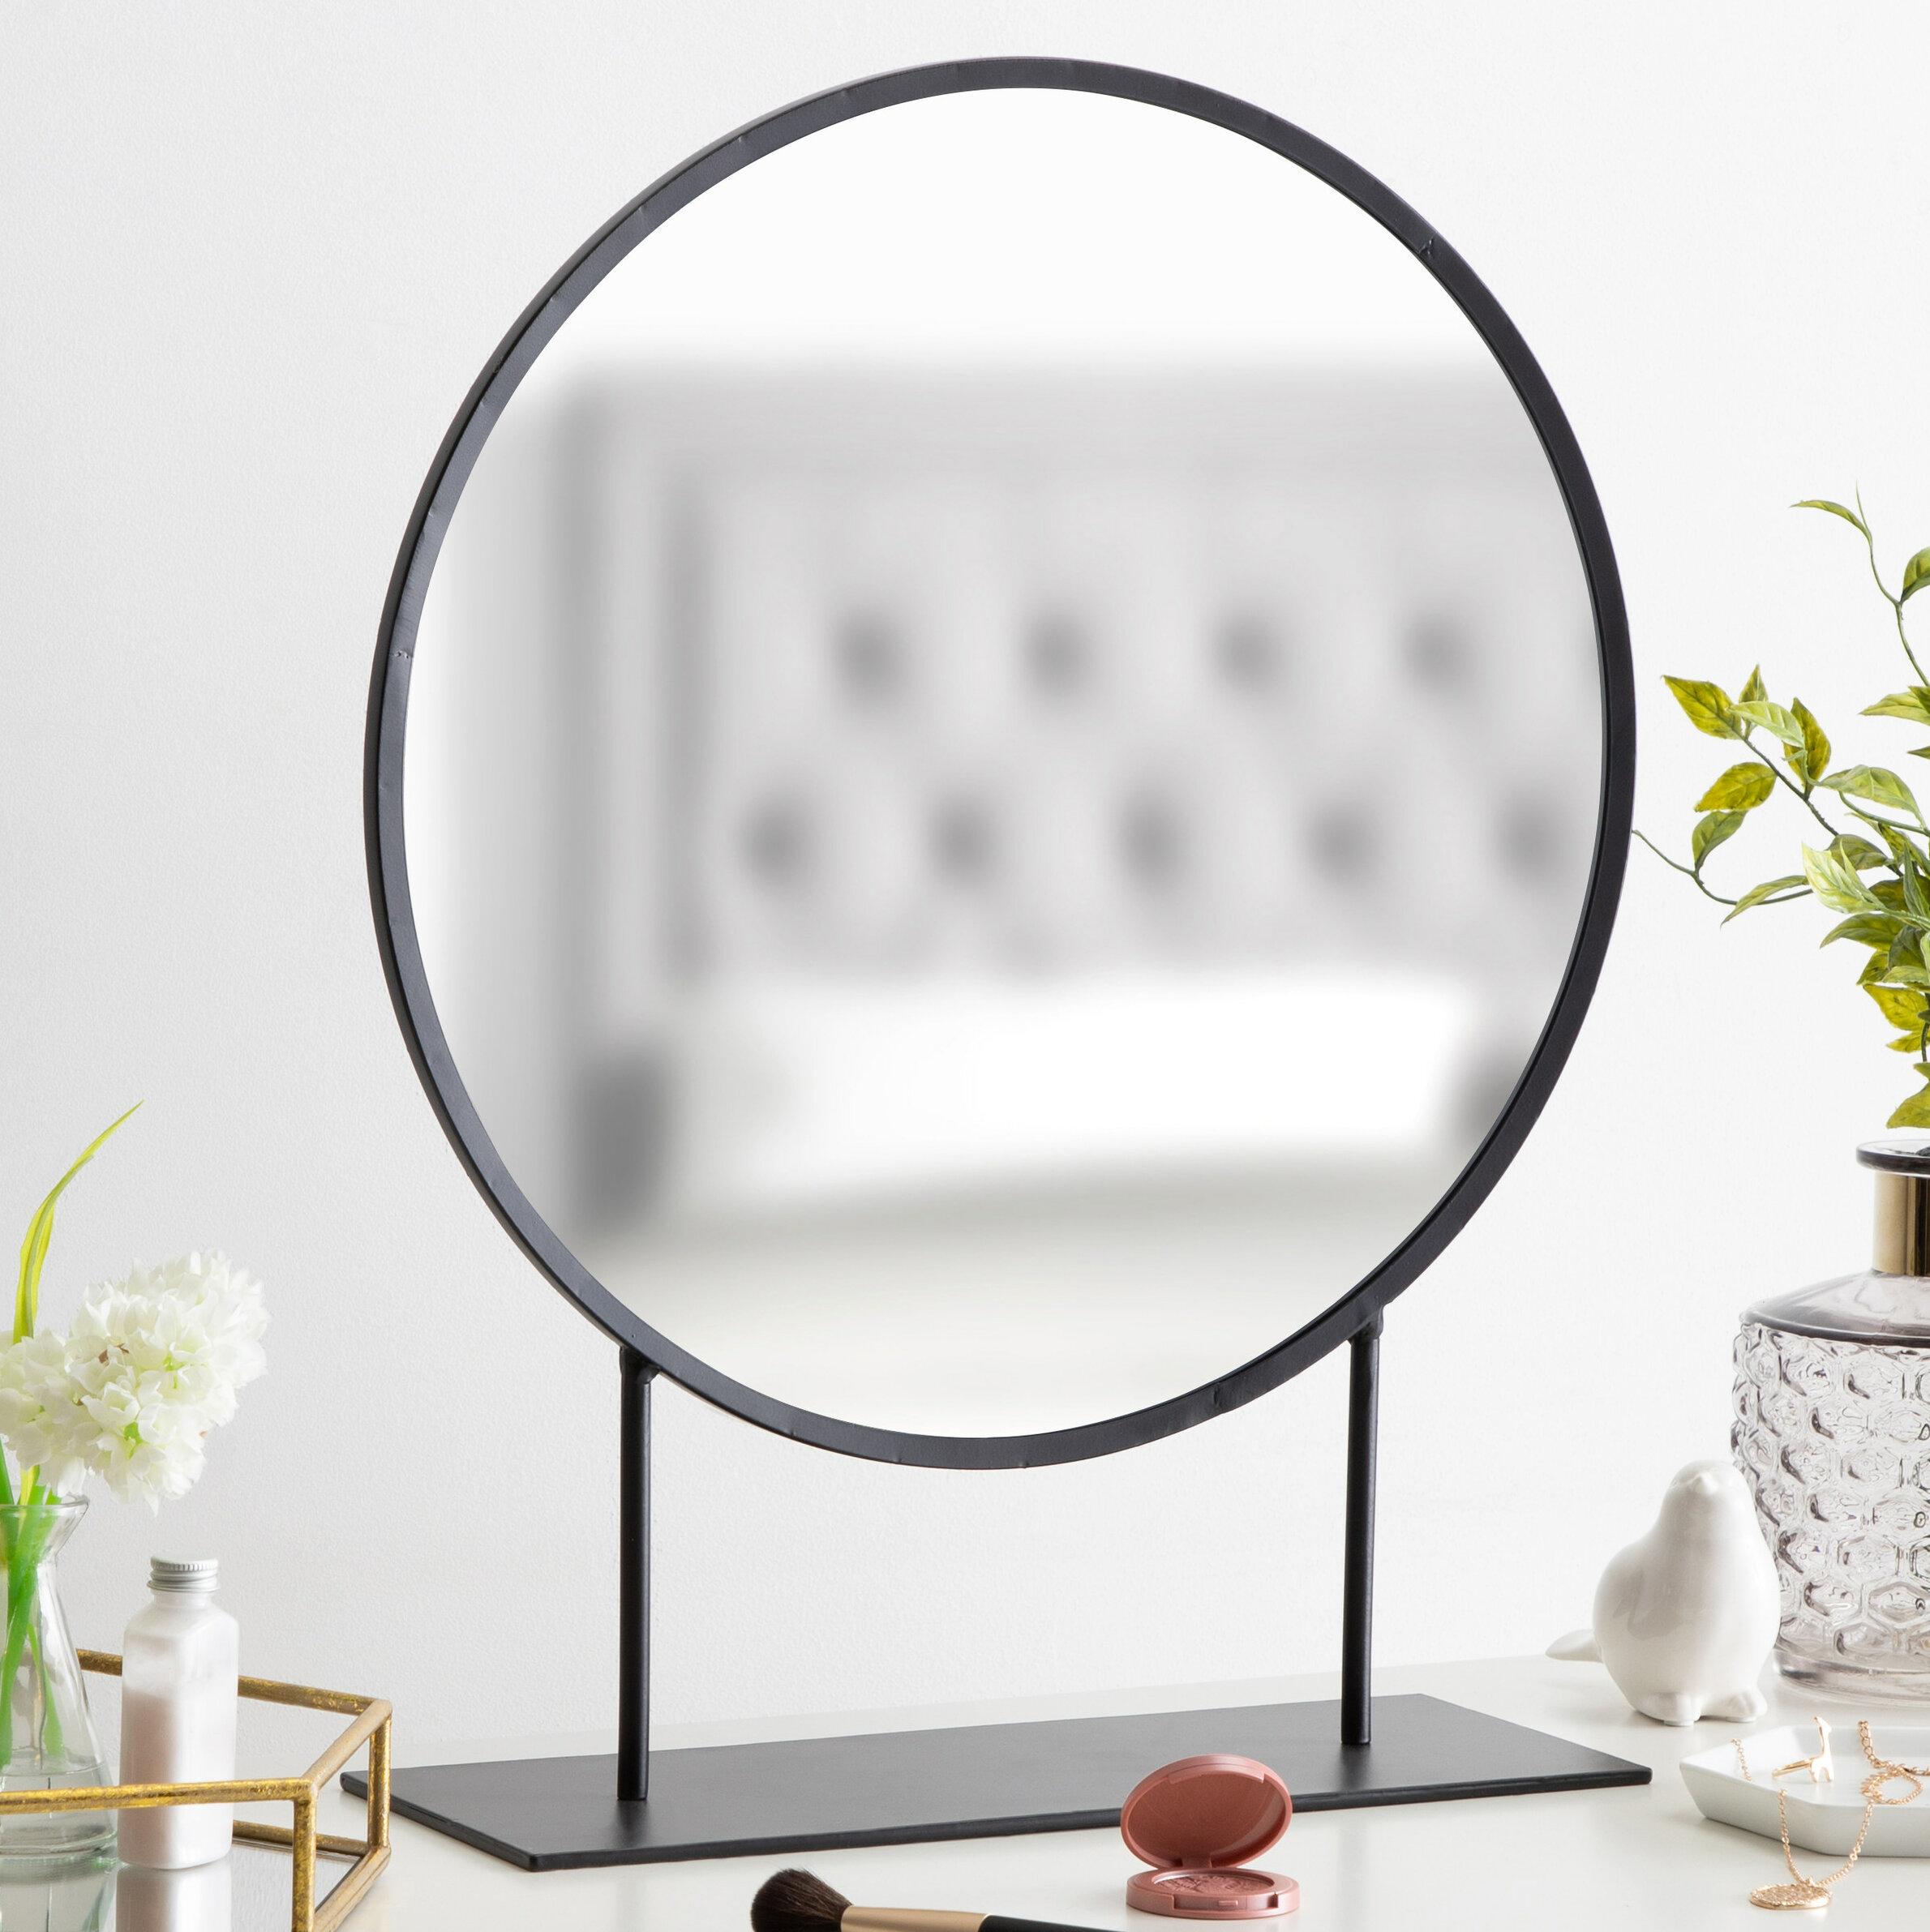 Loftin Modern Glam Round Beveled Accent Mirror With Regard To Glam Beveled Accent Mirrors (Image 17 of 20)